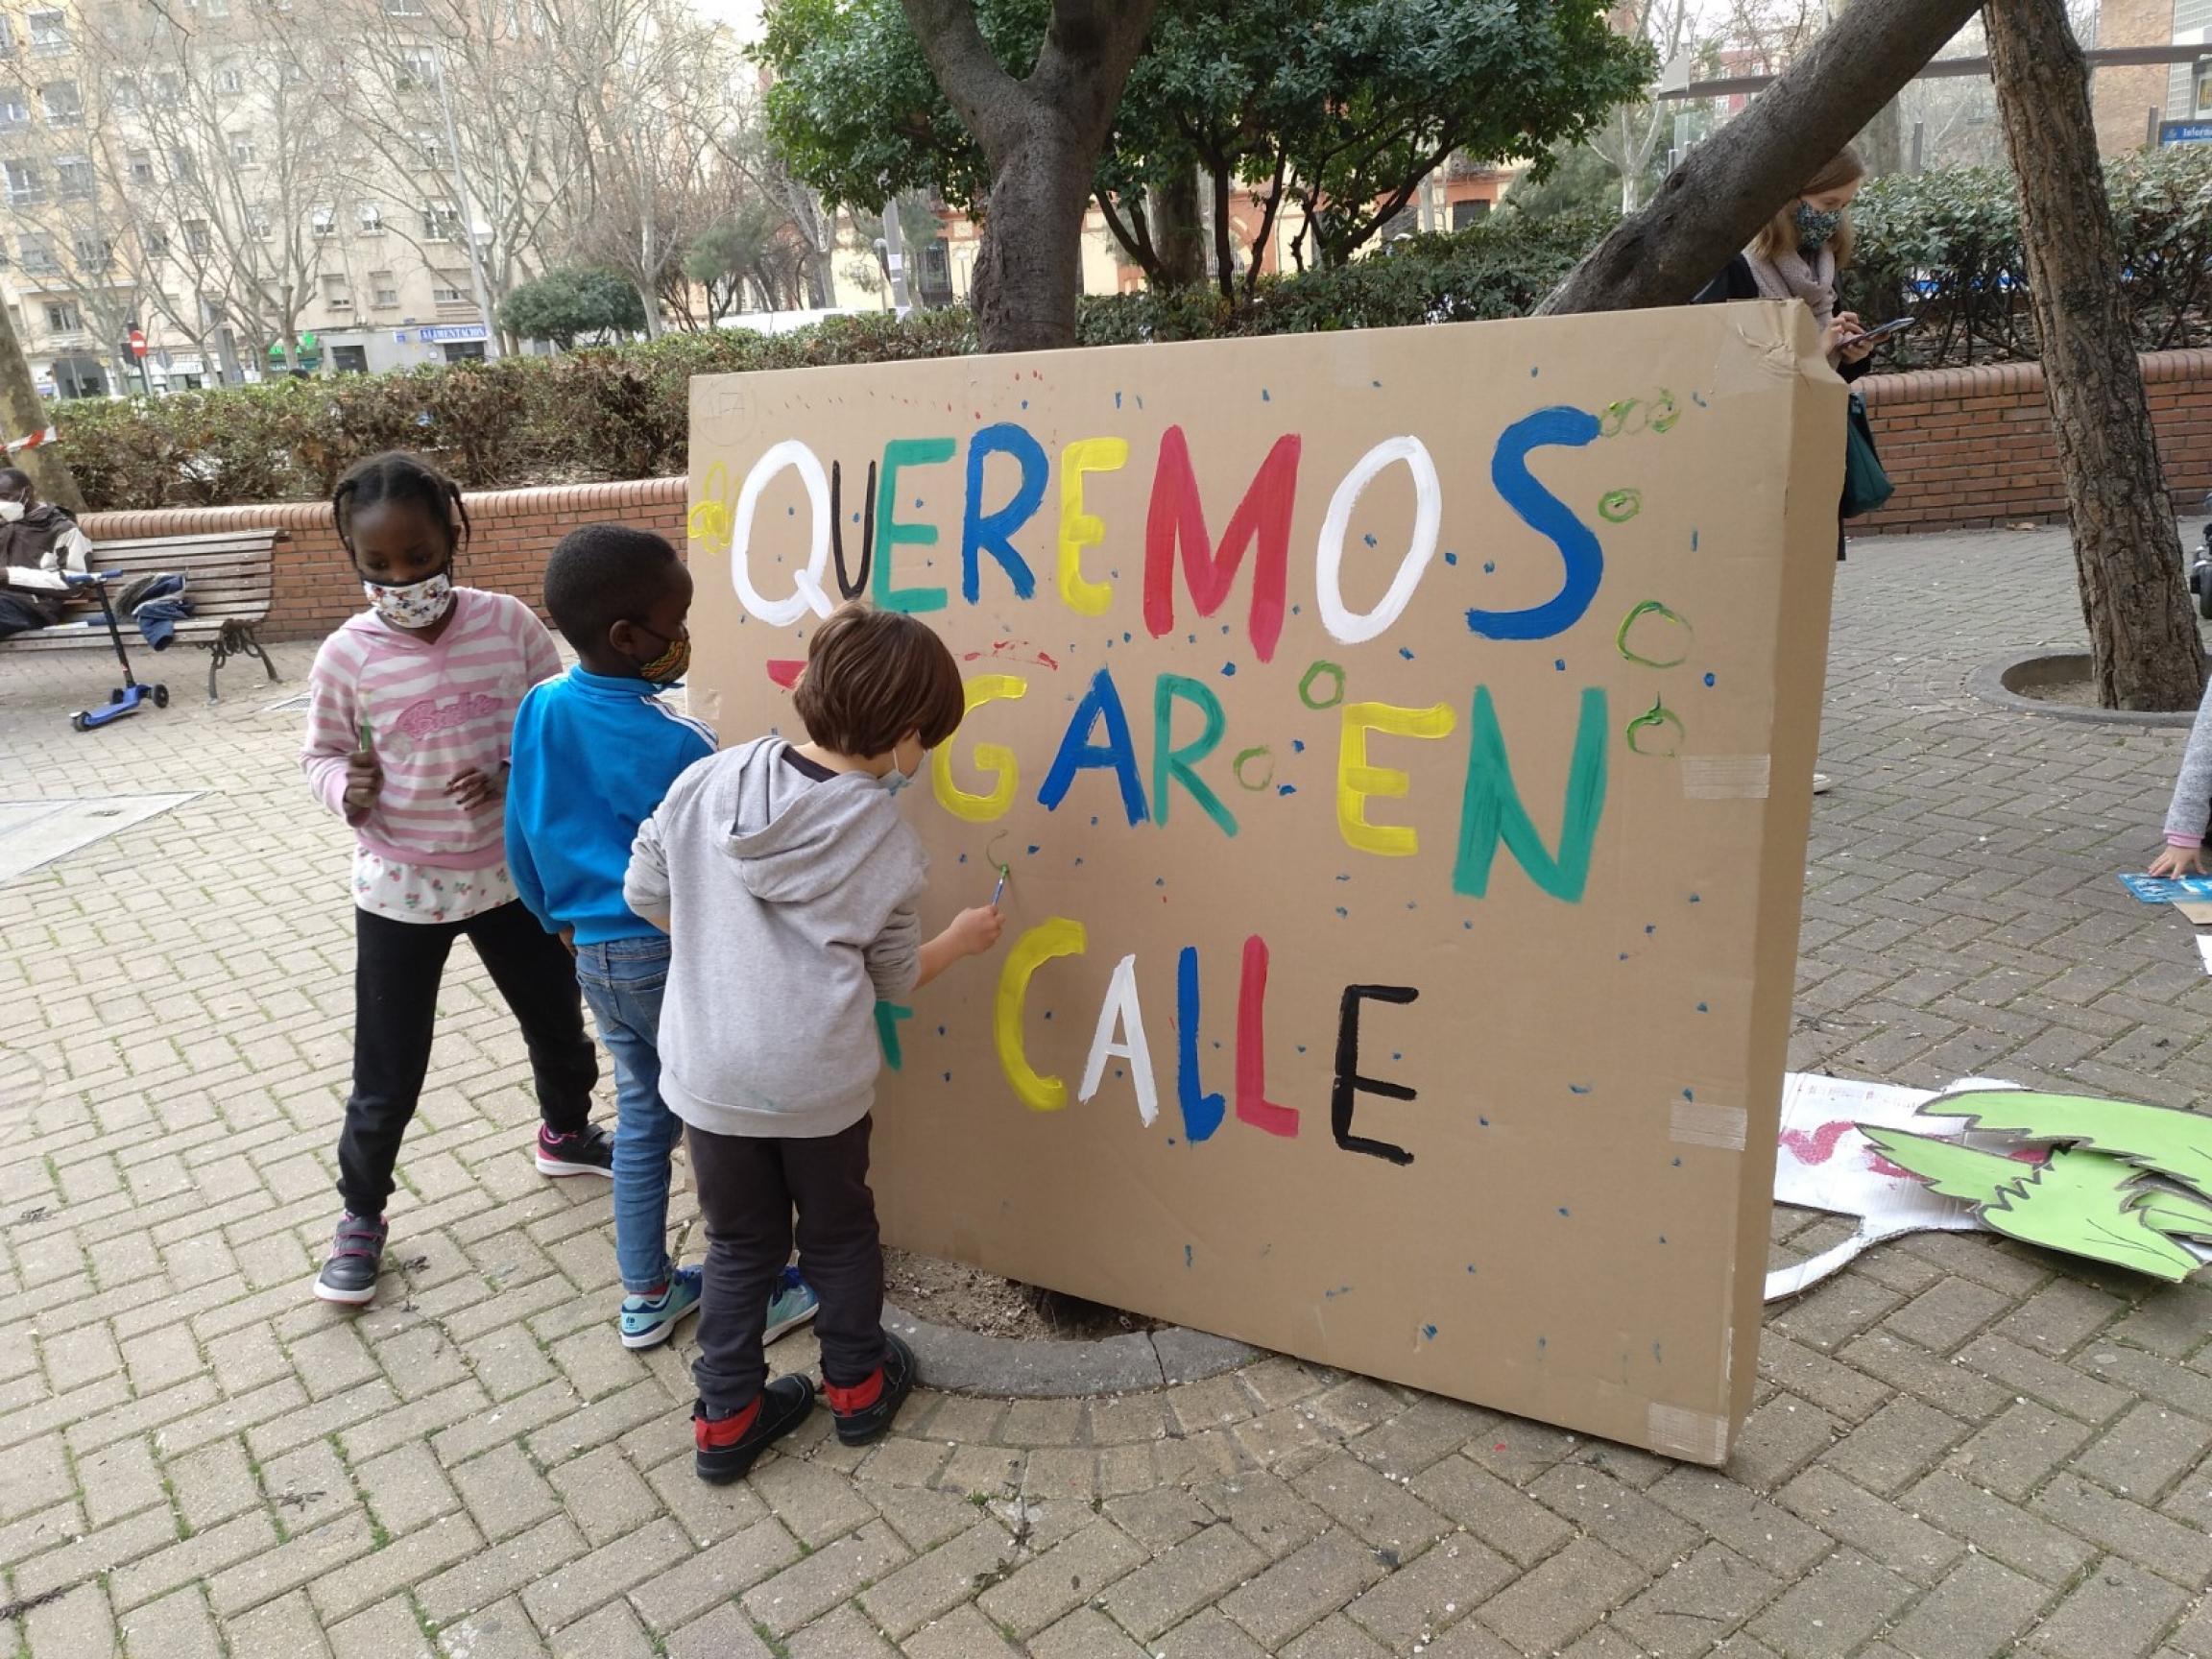 Children gather around an anti-car sign